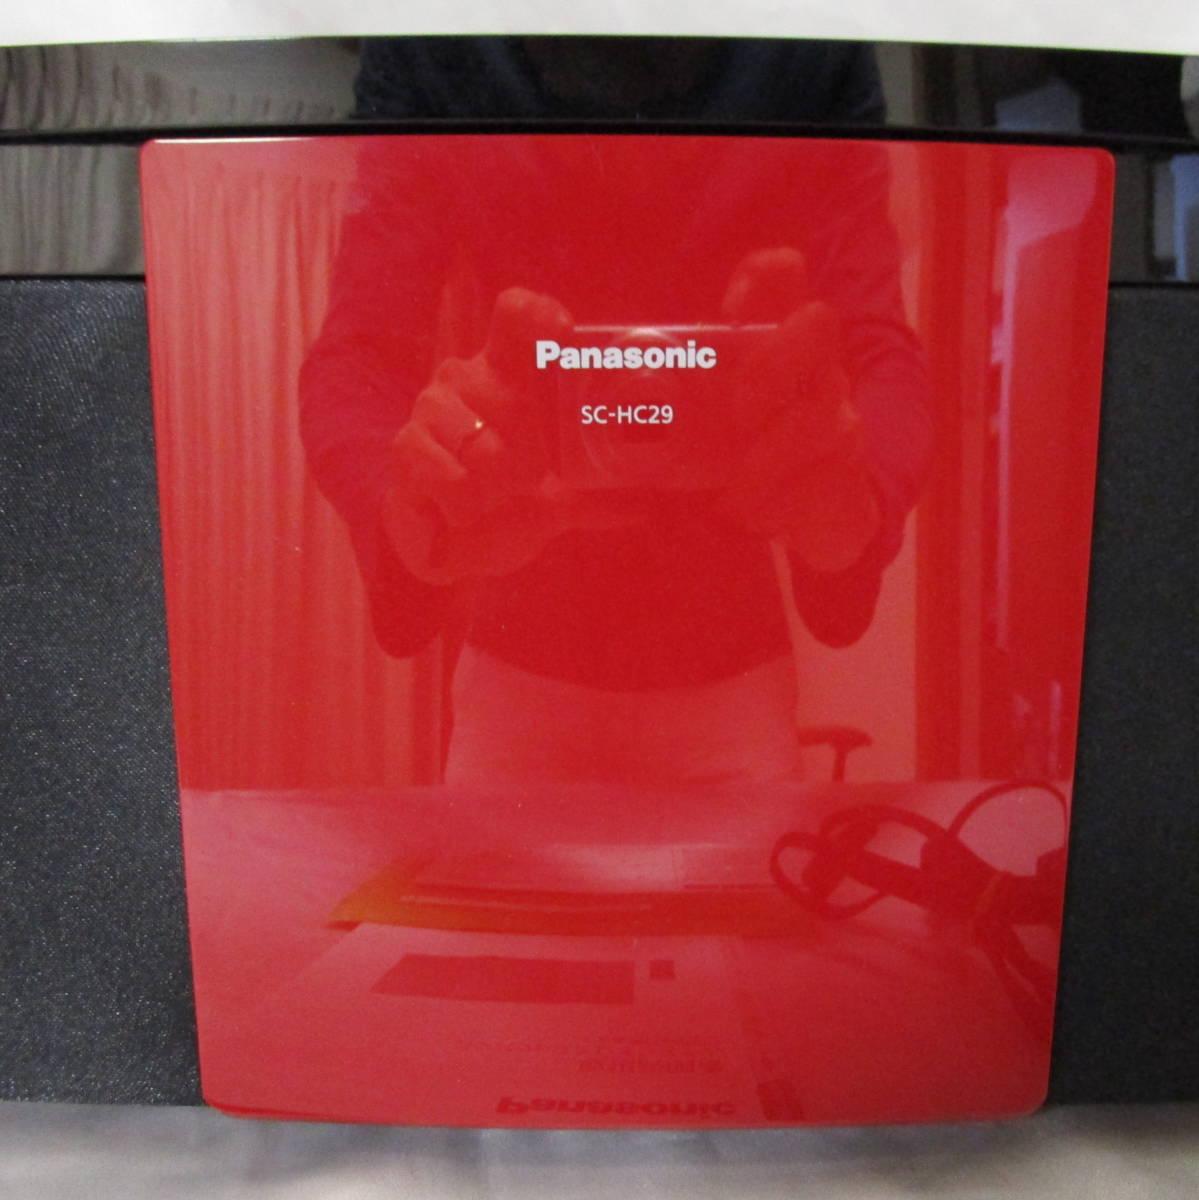 パナソニック Panasonic コンパクトステレオシステム コンポ SC-HC29-R リモコン有り 2015年購入_画像3